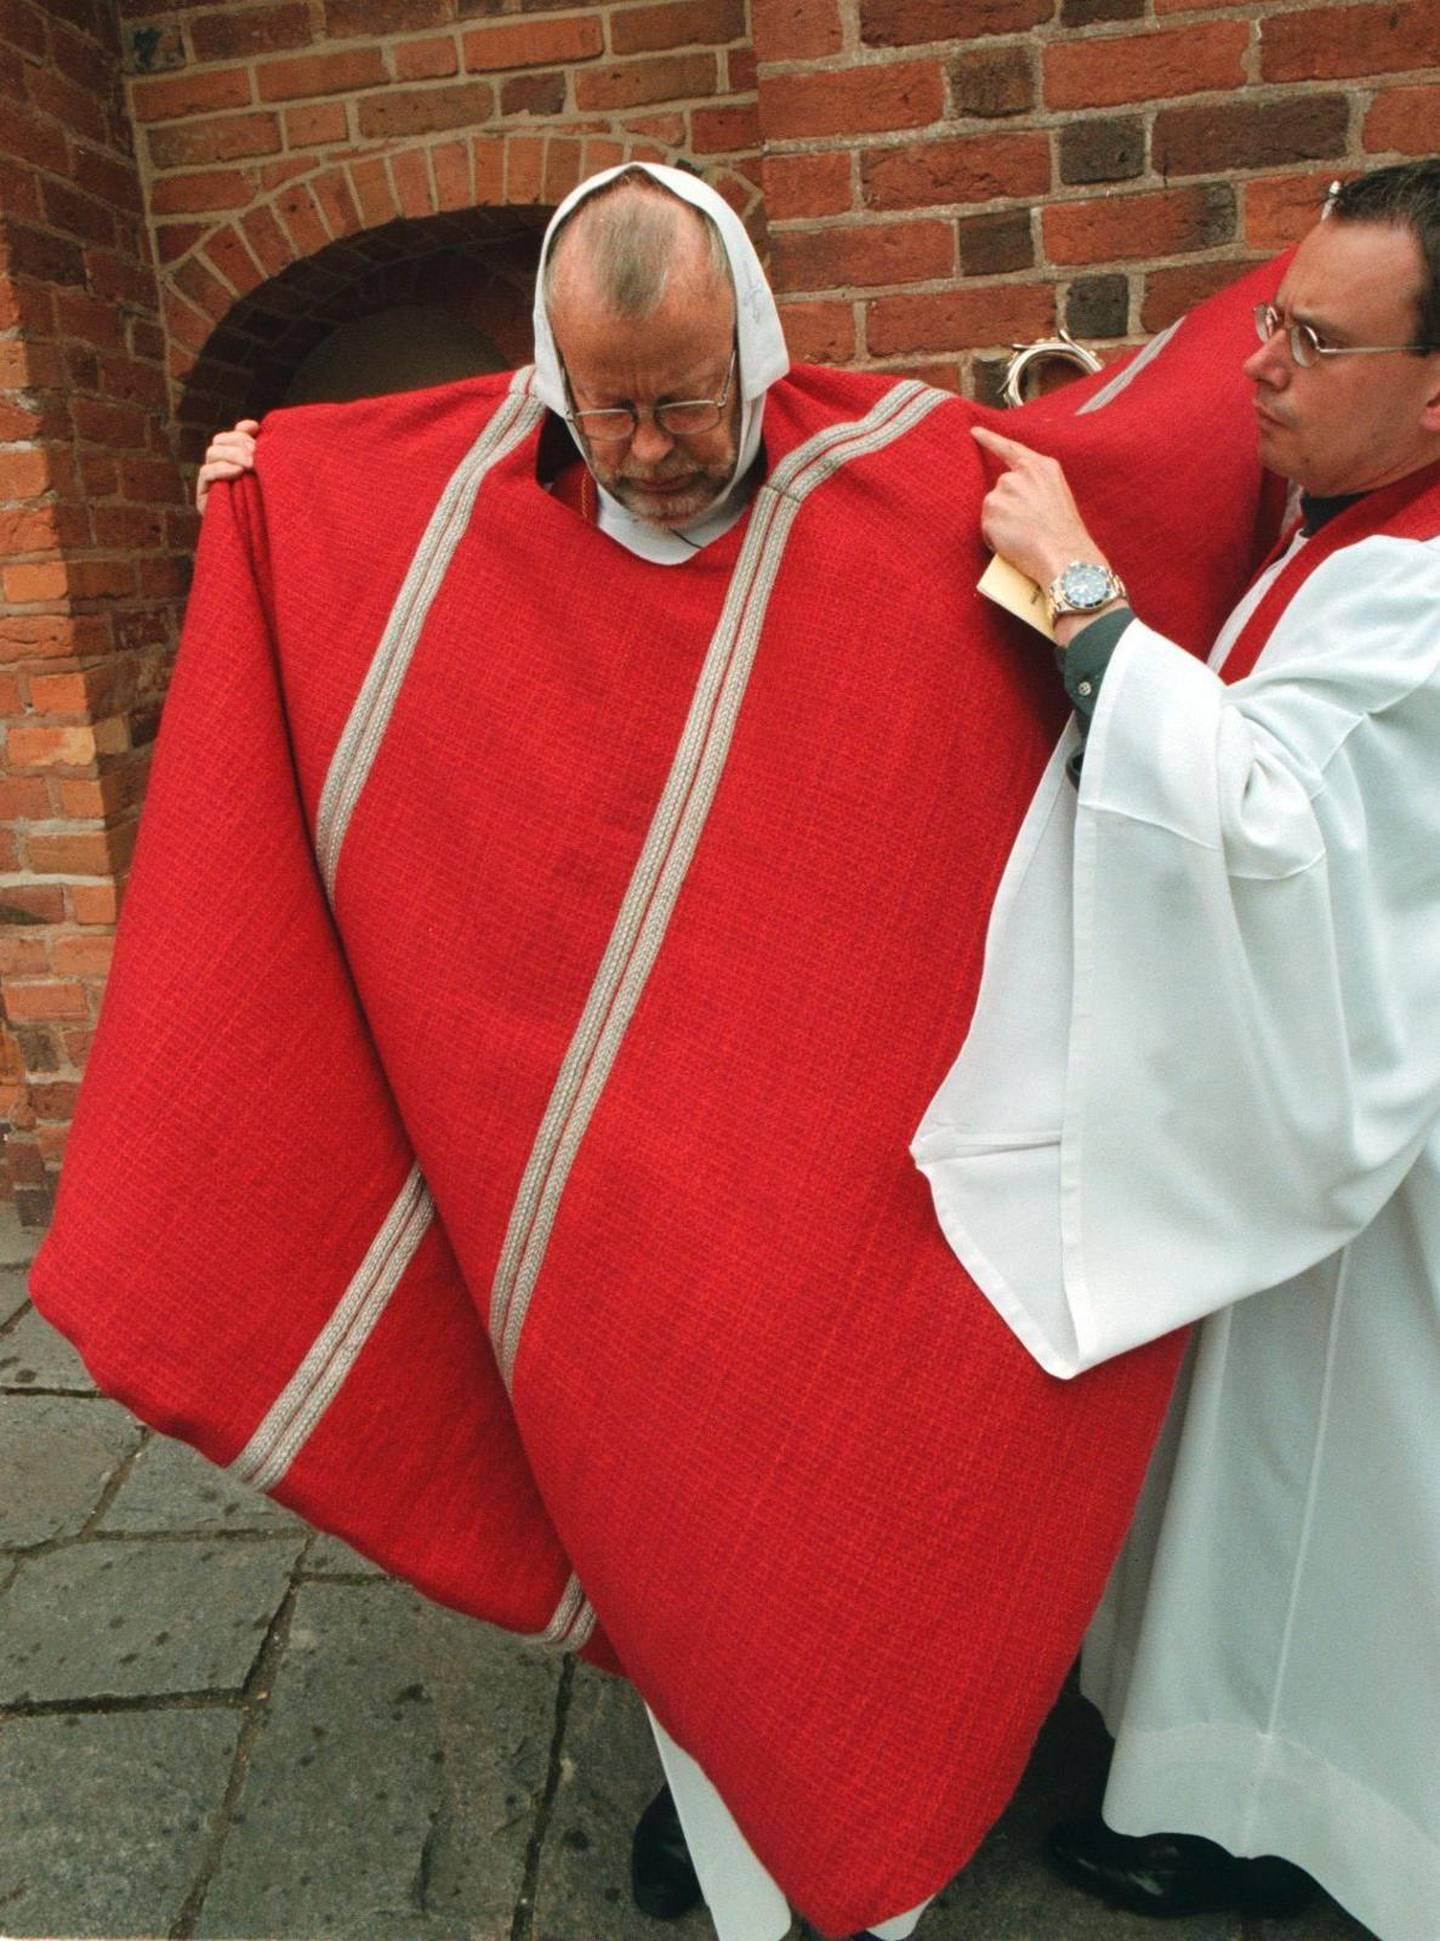 1999, sista kyrkomötet före skilsmässan. Ärkebiskop K G Hammar förbereder sig för kyrkomötets öppnande.